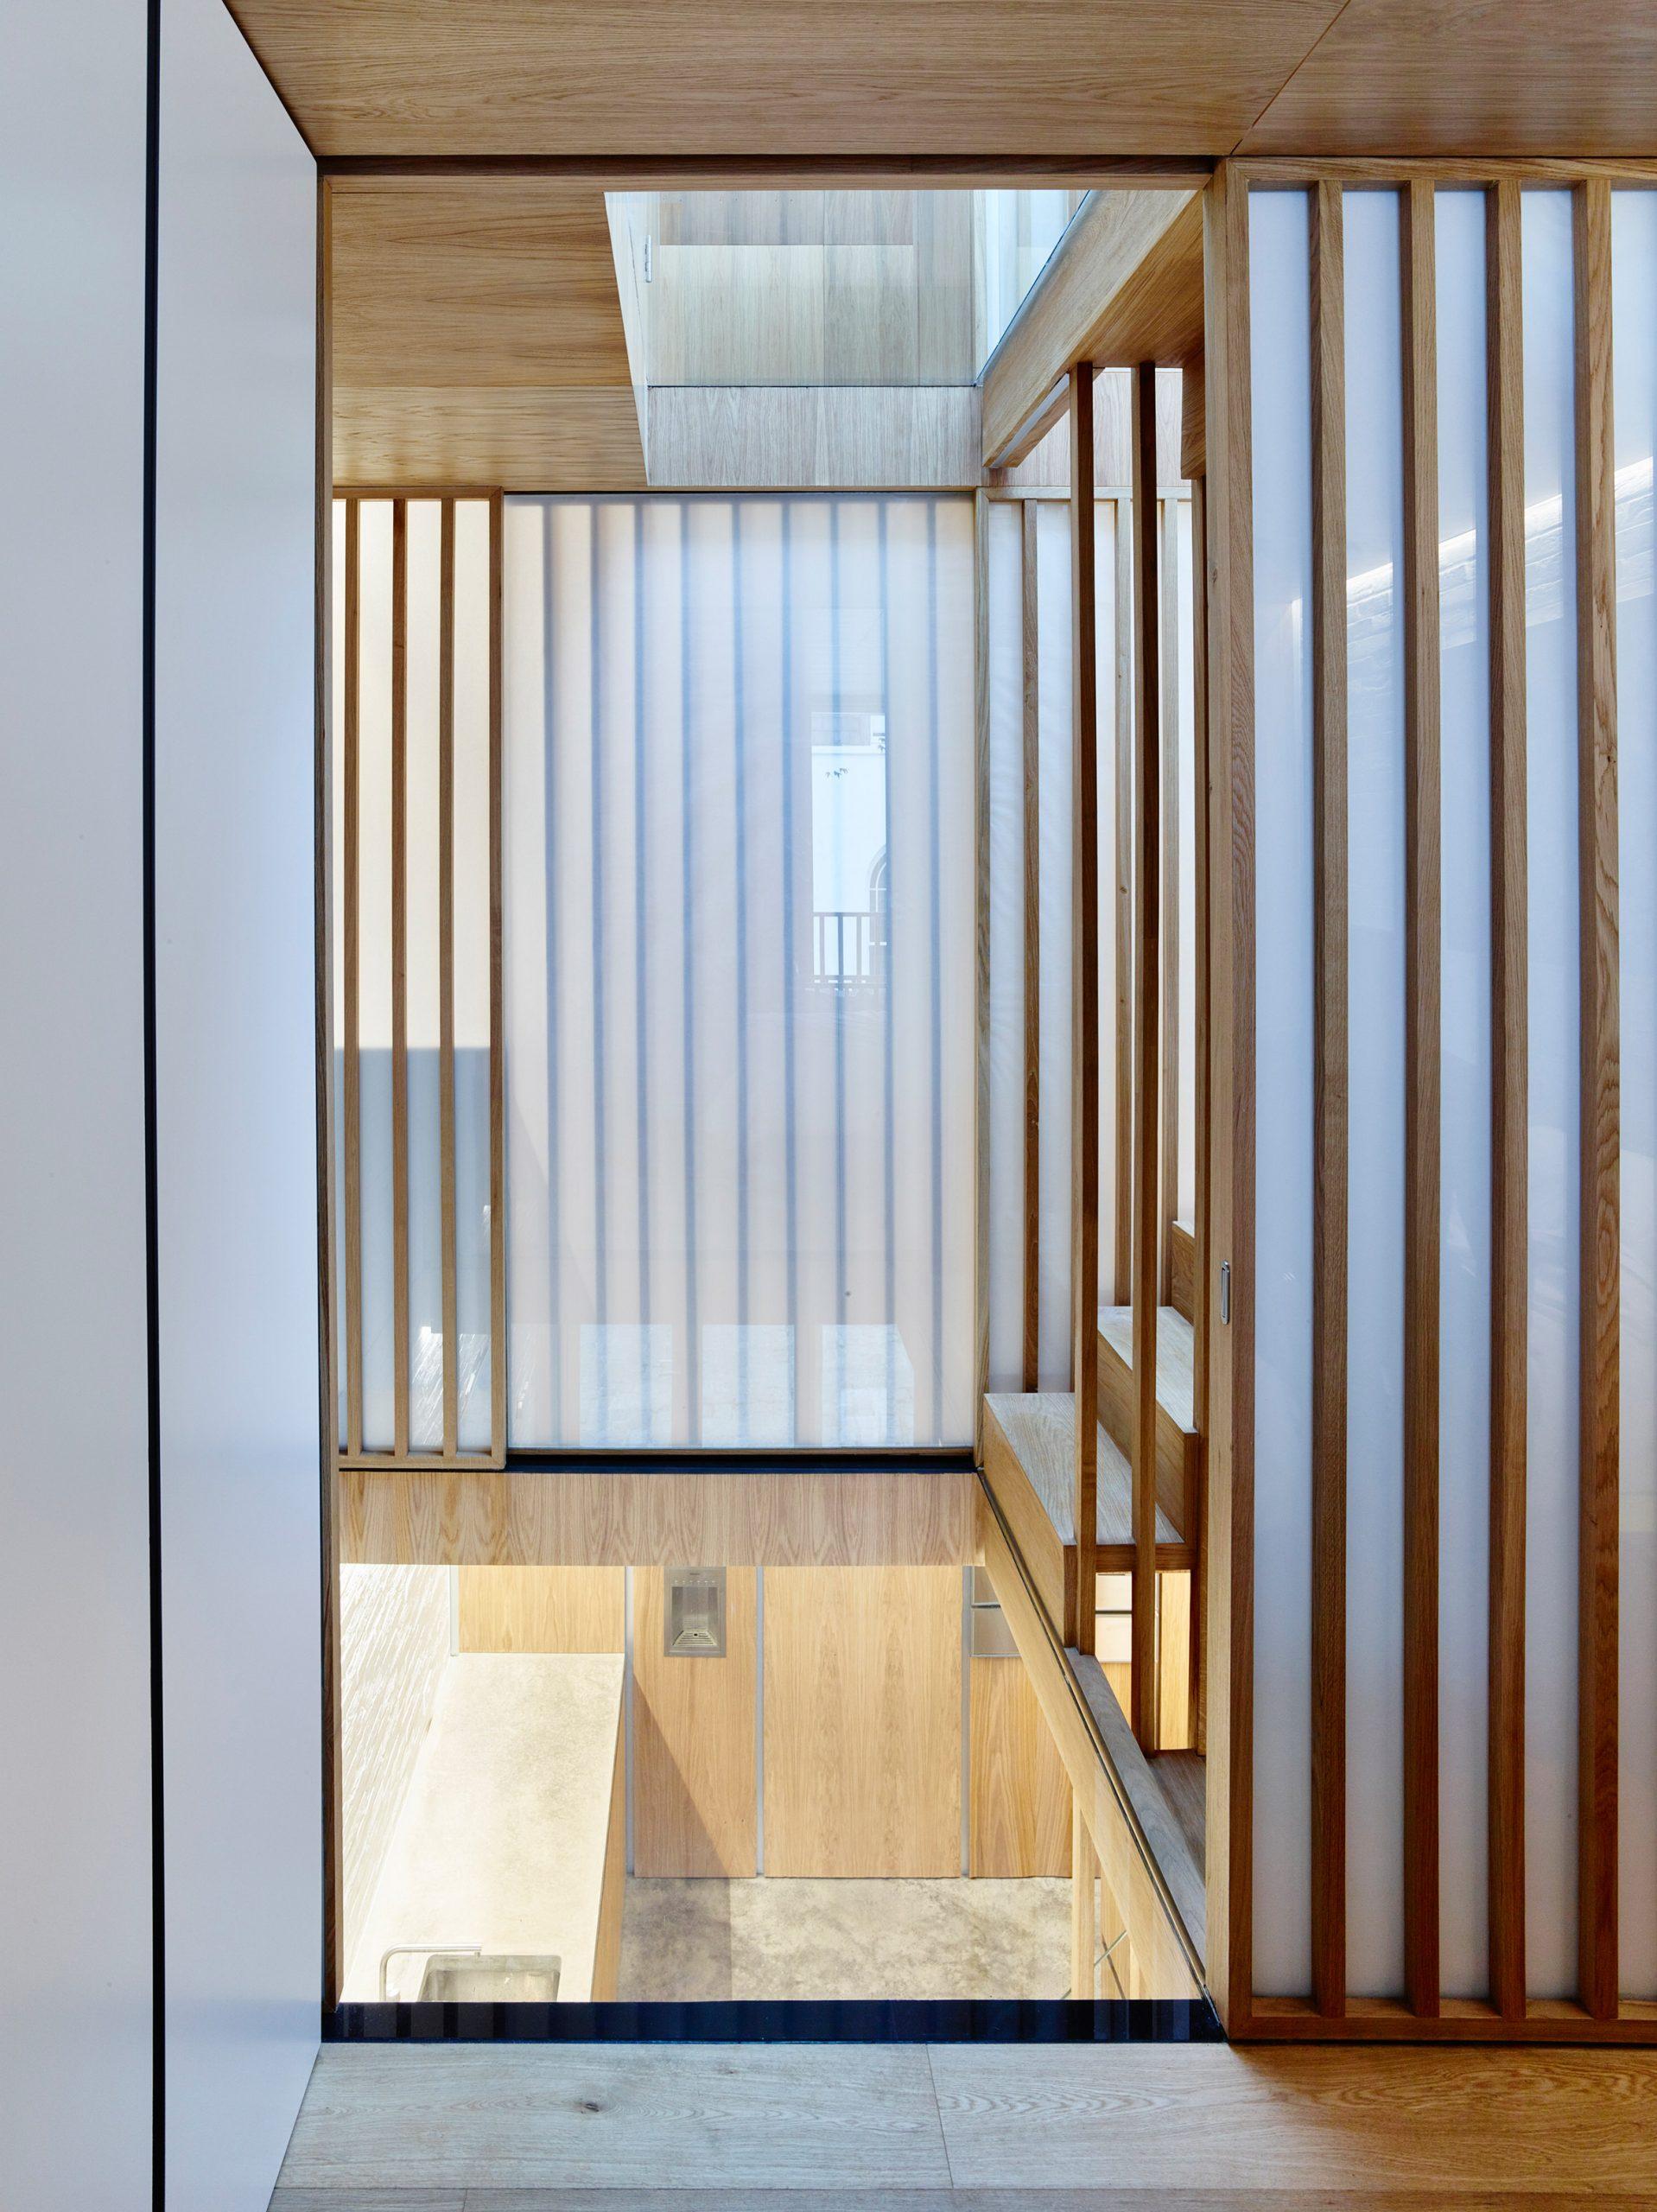 Thiết kế nhà gỗ hiện đại 15